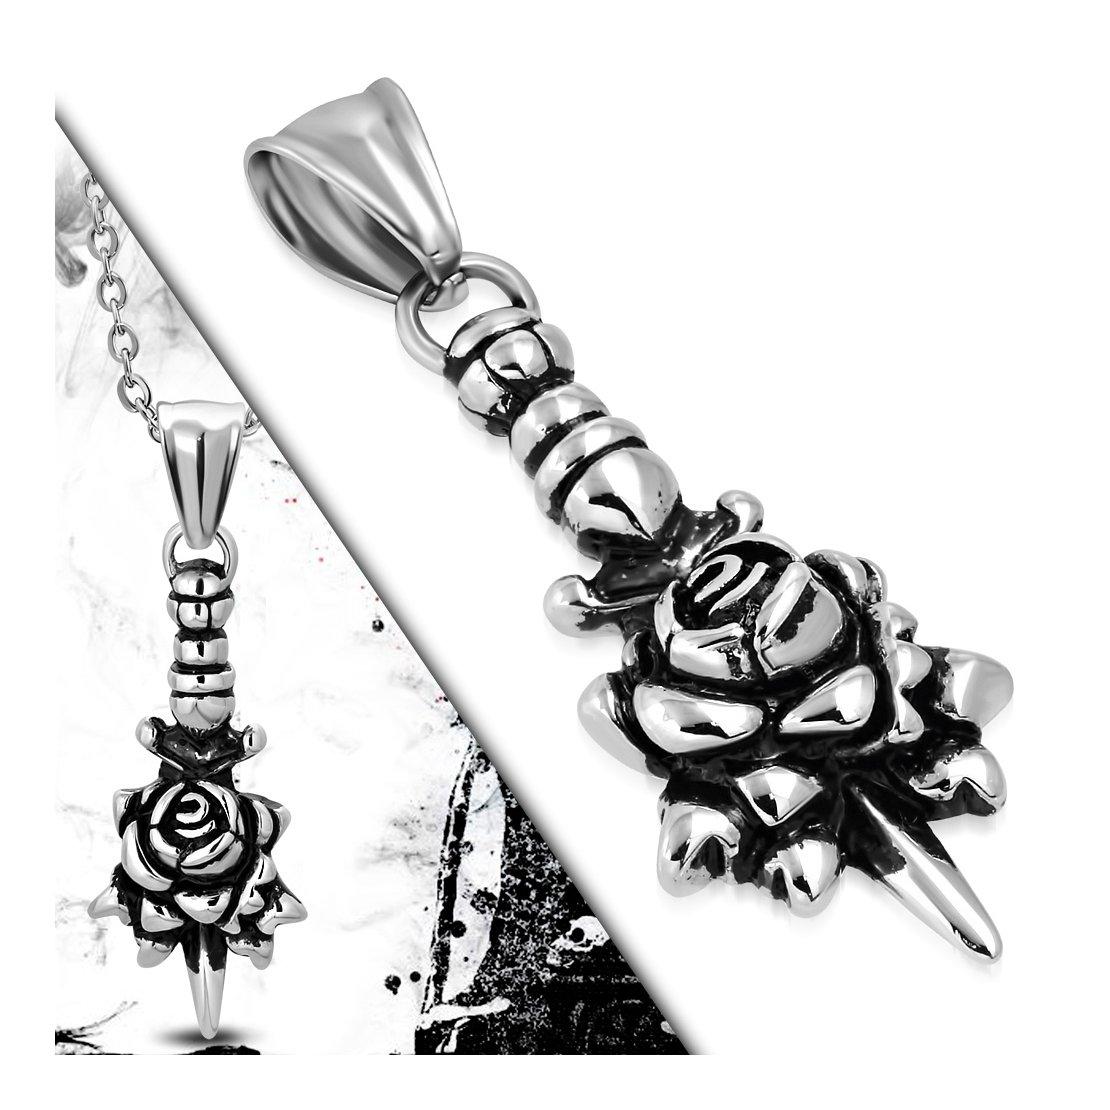 Acier inoxydable 2/tons repousse Fleur Rose dague Biker Pendentif